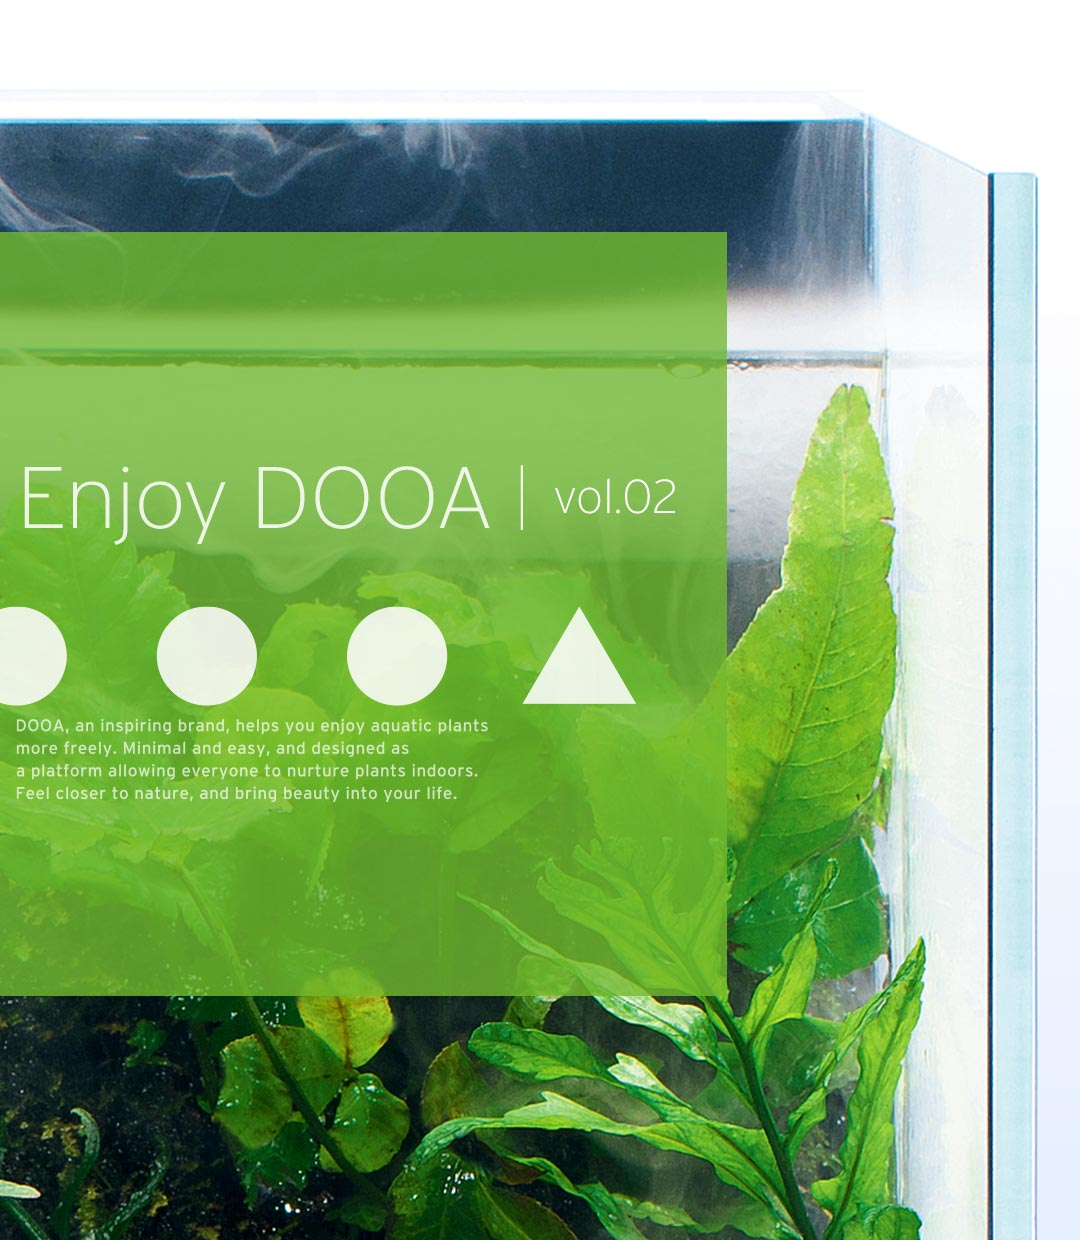 Enjoy DOOA vol.02